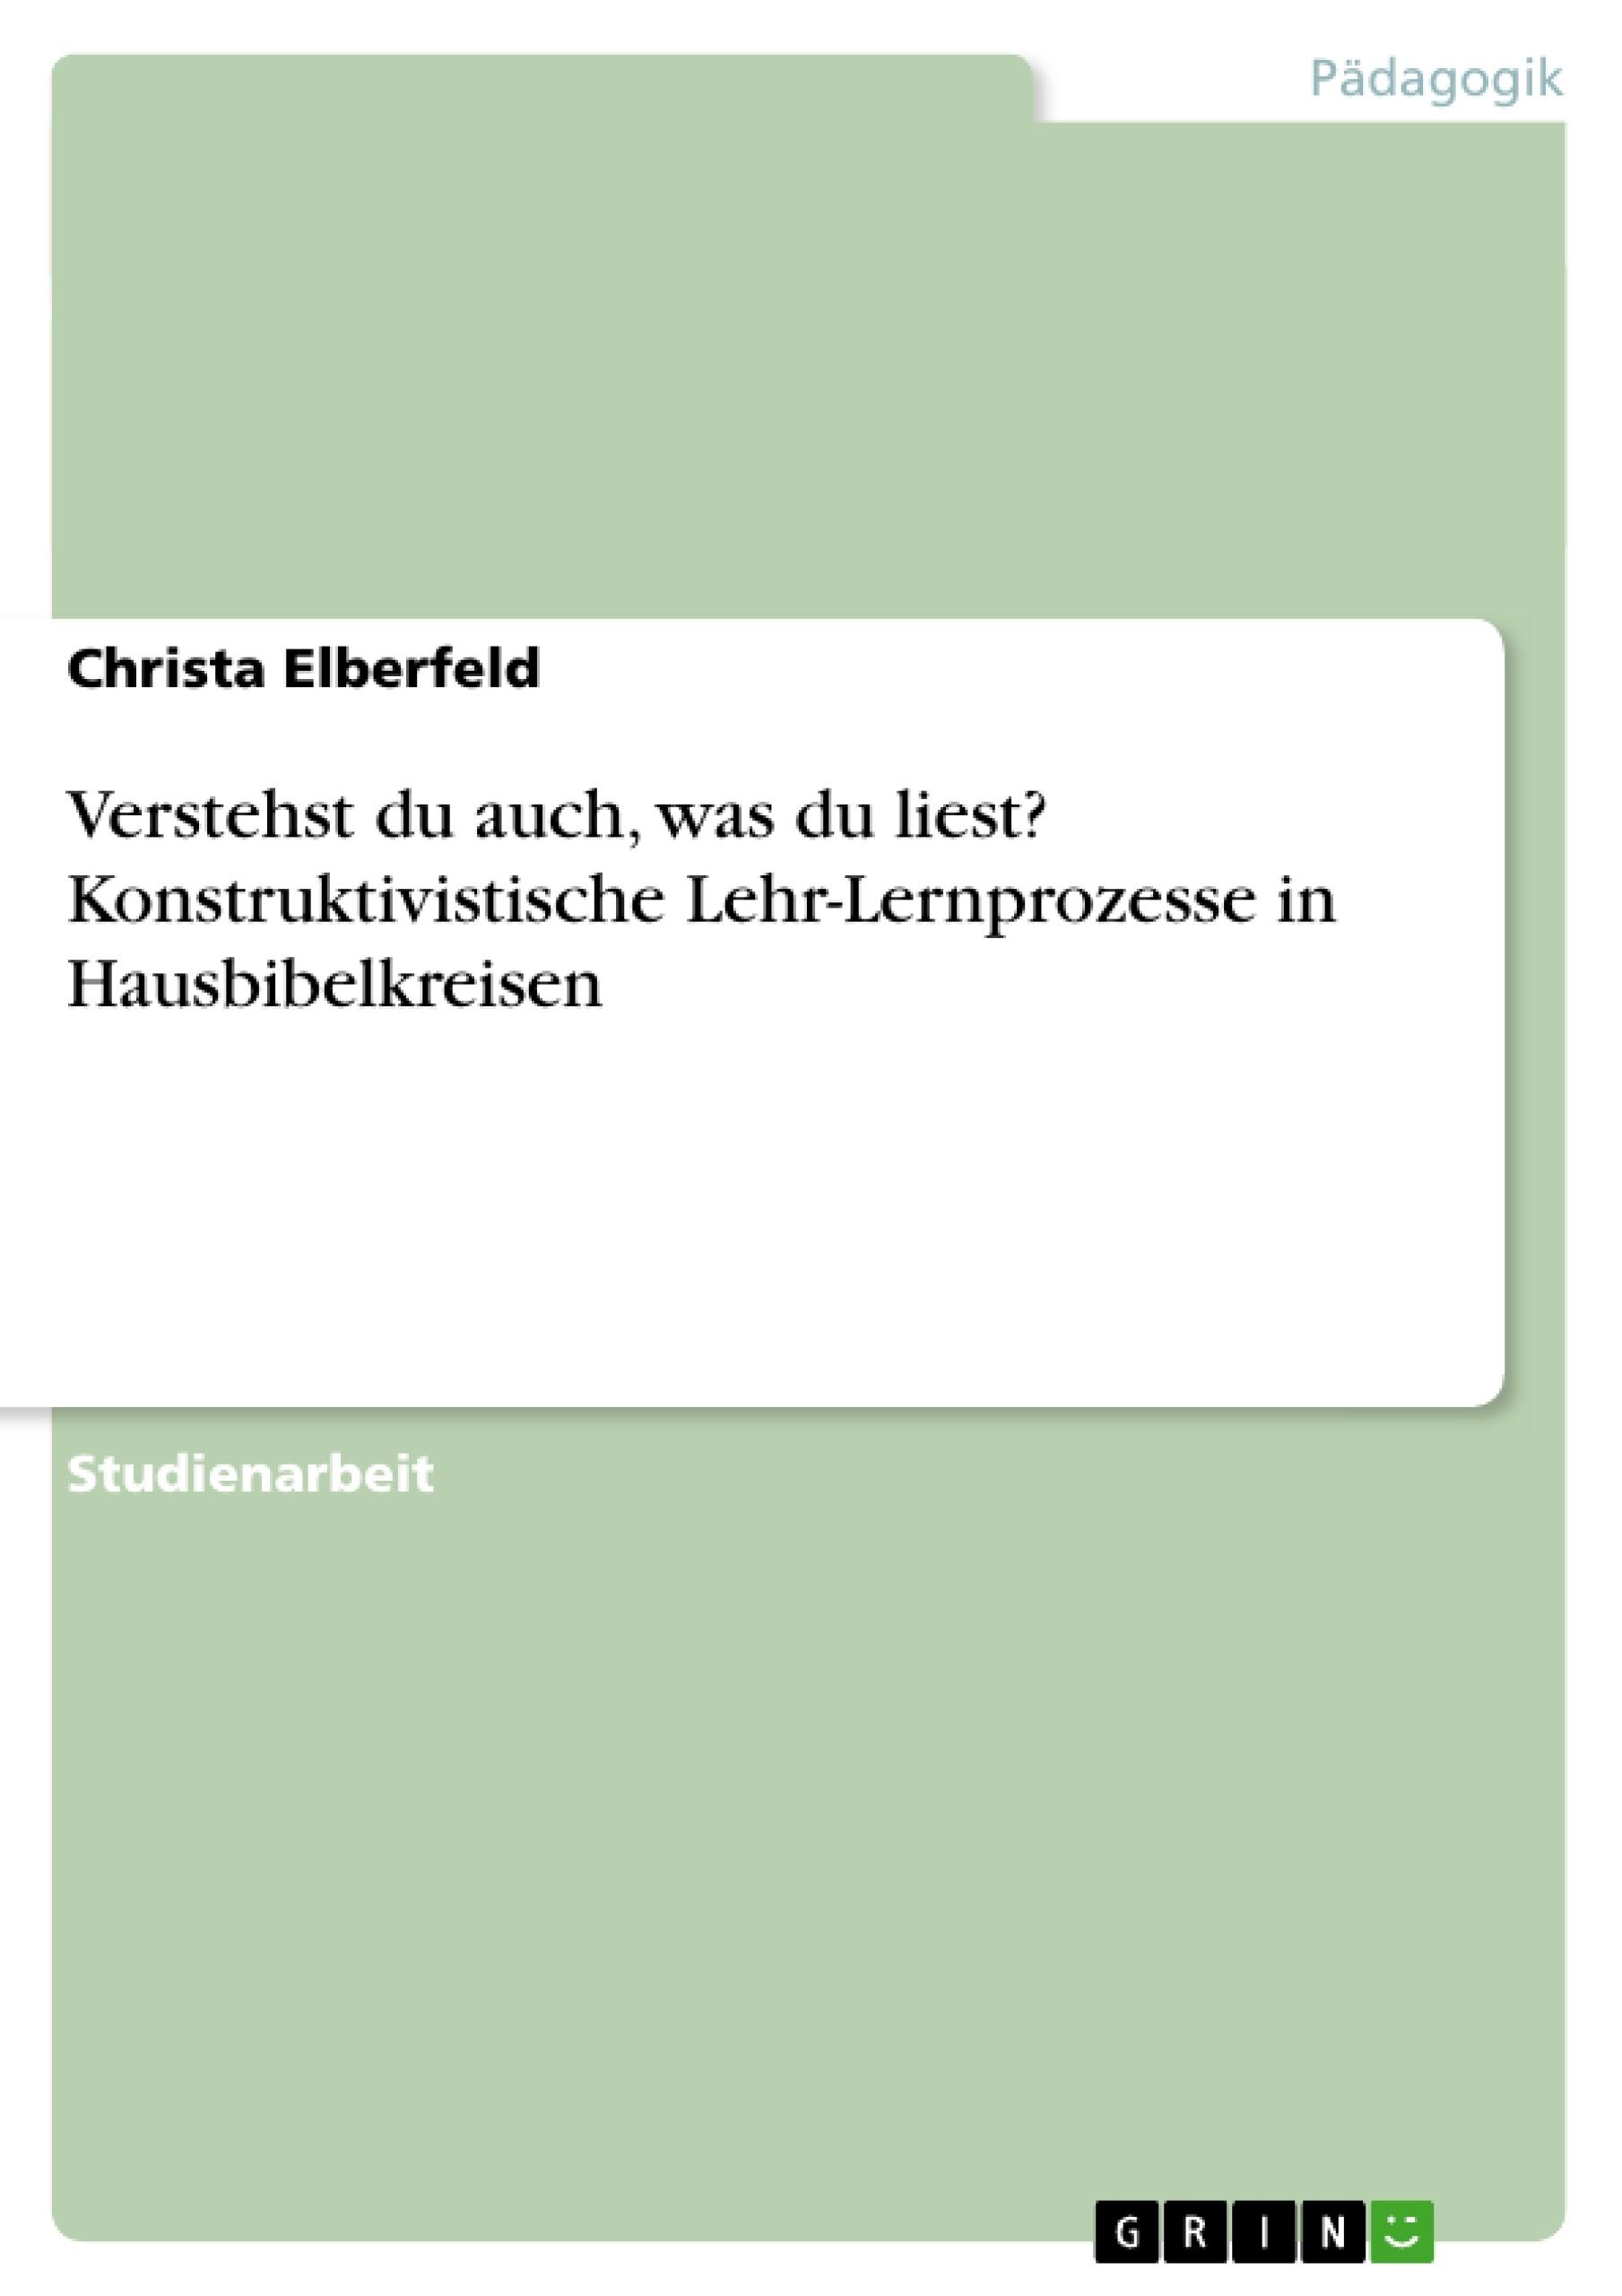 Titel: Verstehst du auch, was du liest? Konstruktivistische Lehr-Lernprozesse in Hausbibelkreisen